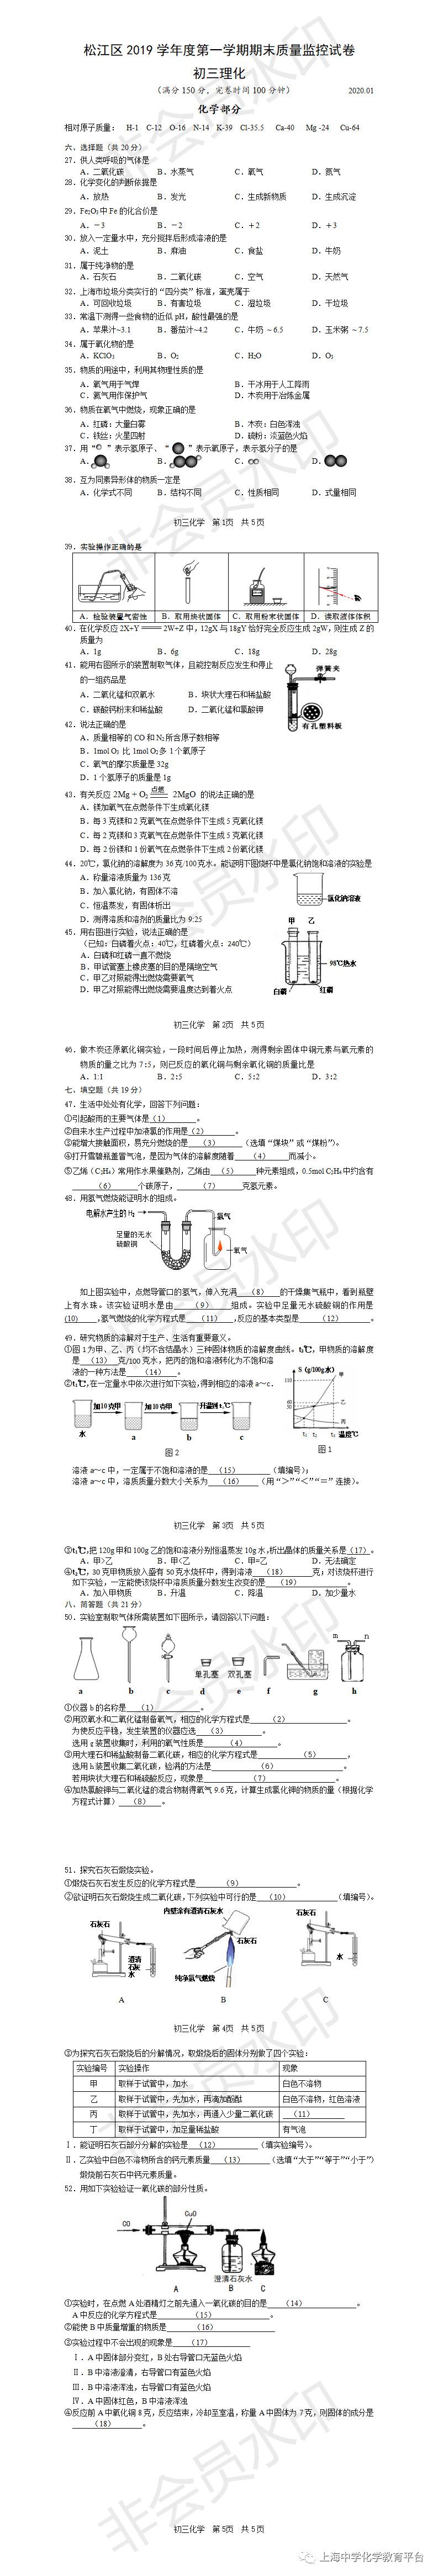 上海松江区高三一模化学试题